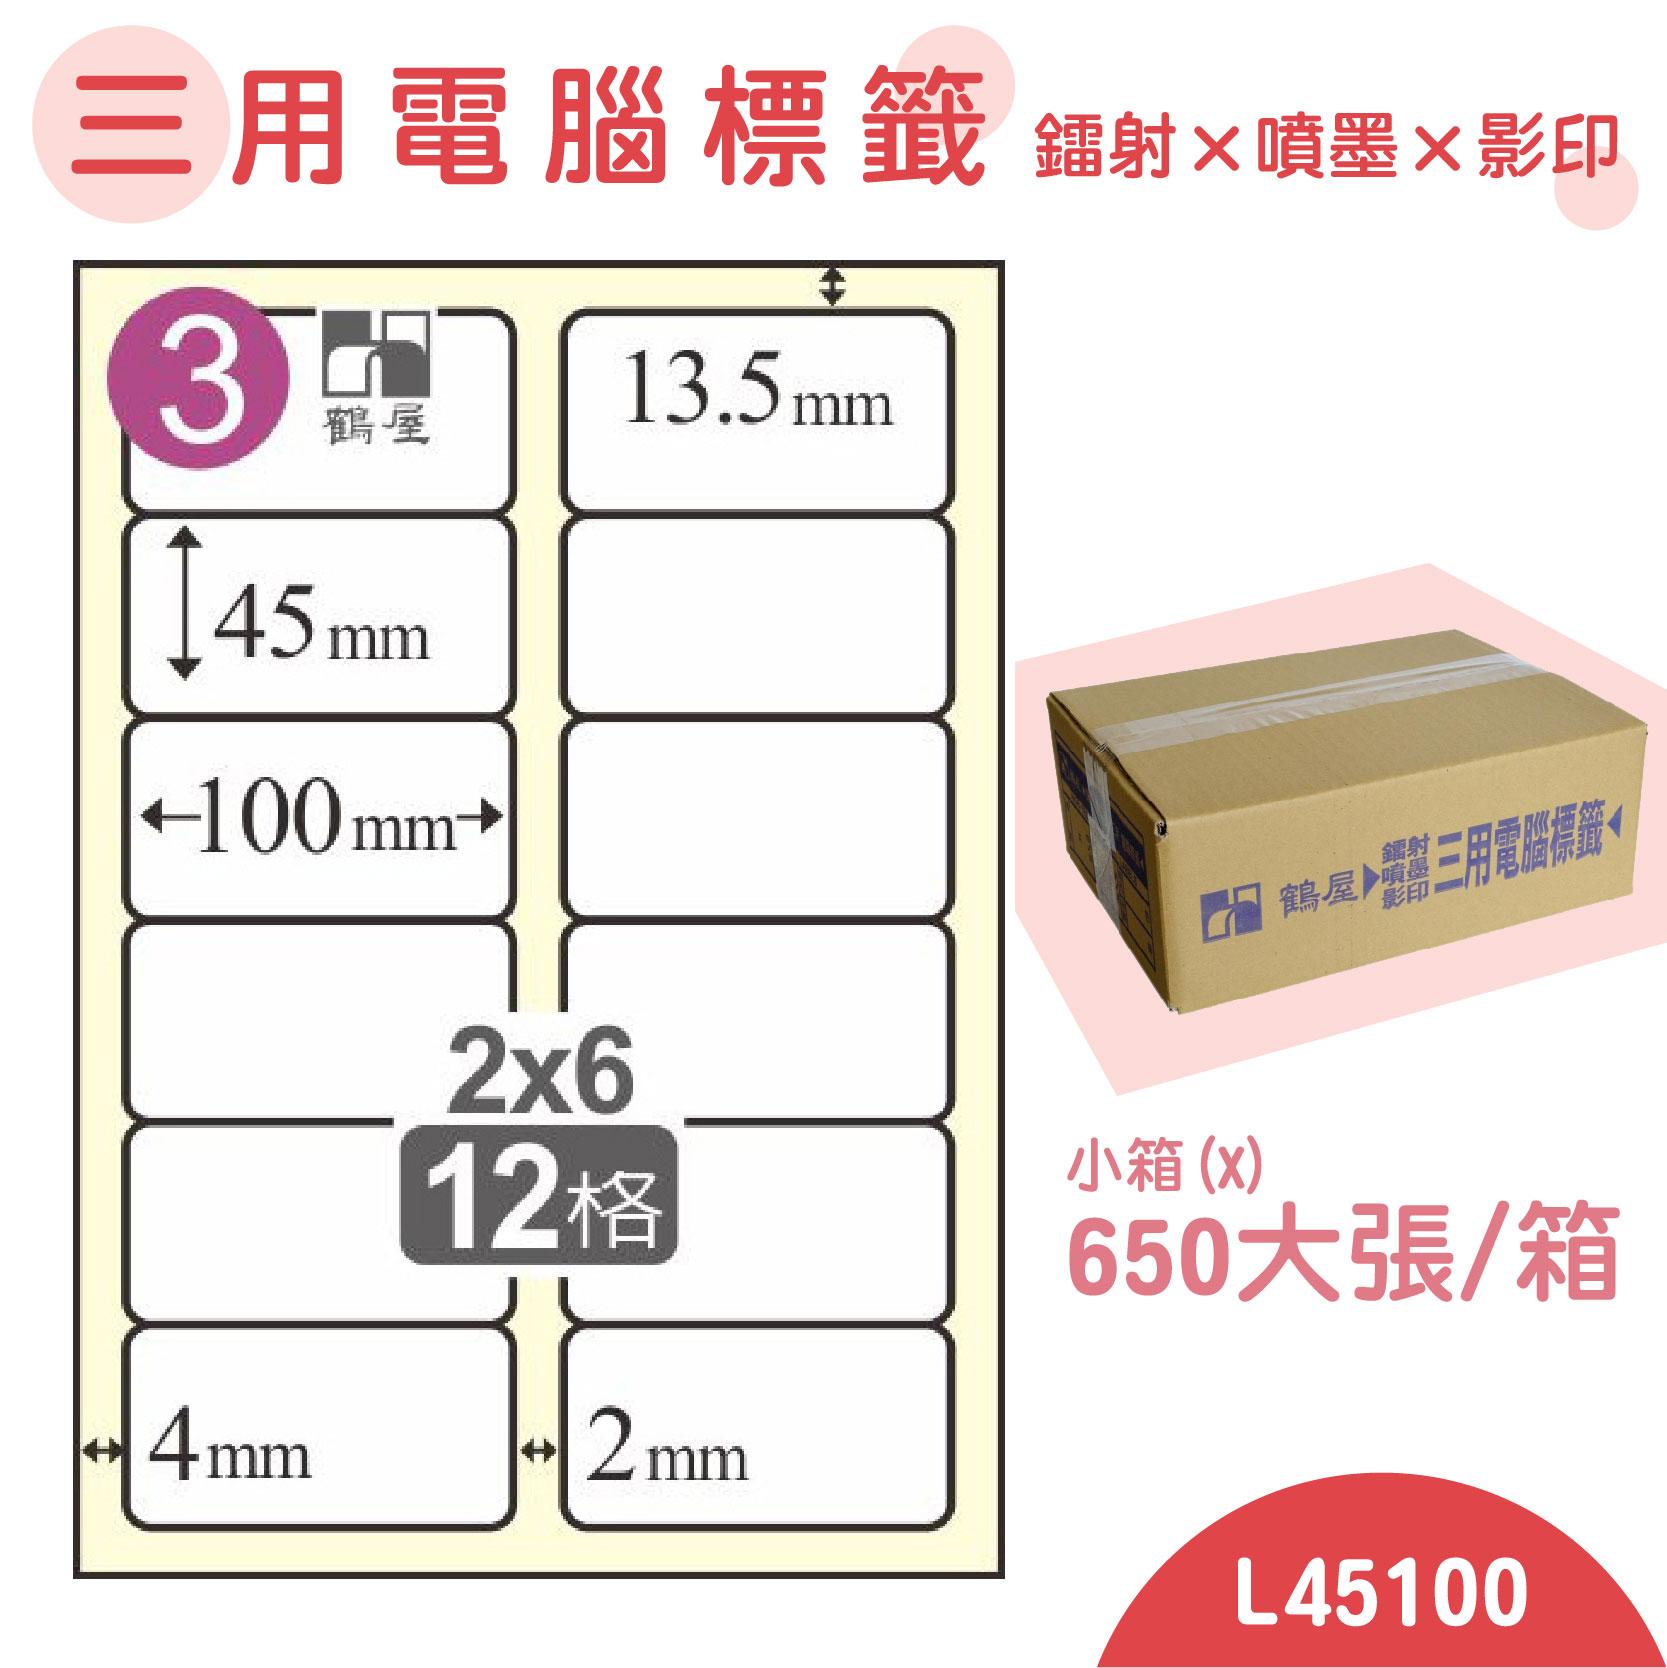 電腦標籤紙(鶴屋) 白色 L45100 12格 650大張/小箱 影印 雷射 噴墨 三用 標籤 貼紙 信封 光碟標籤